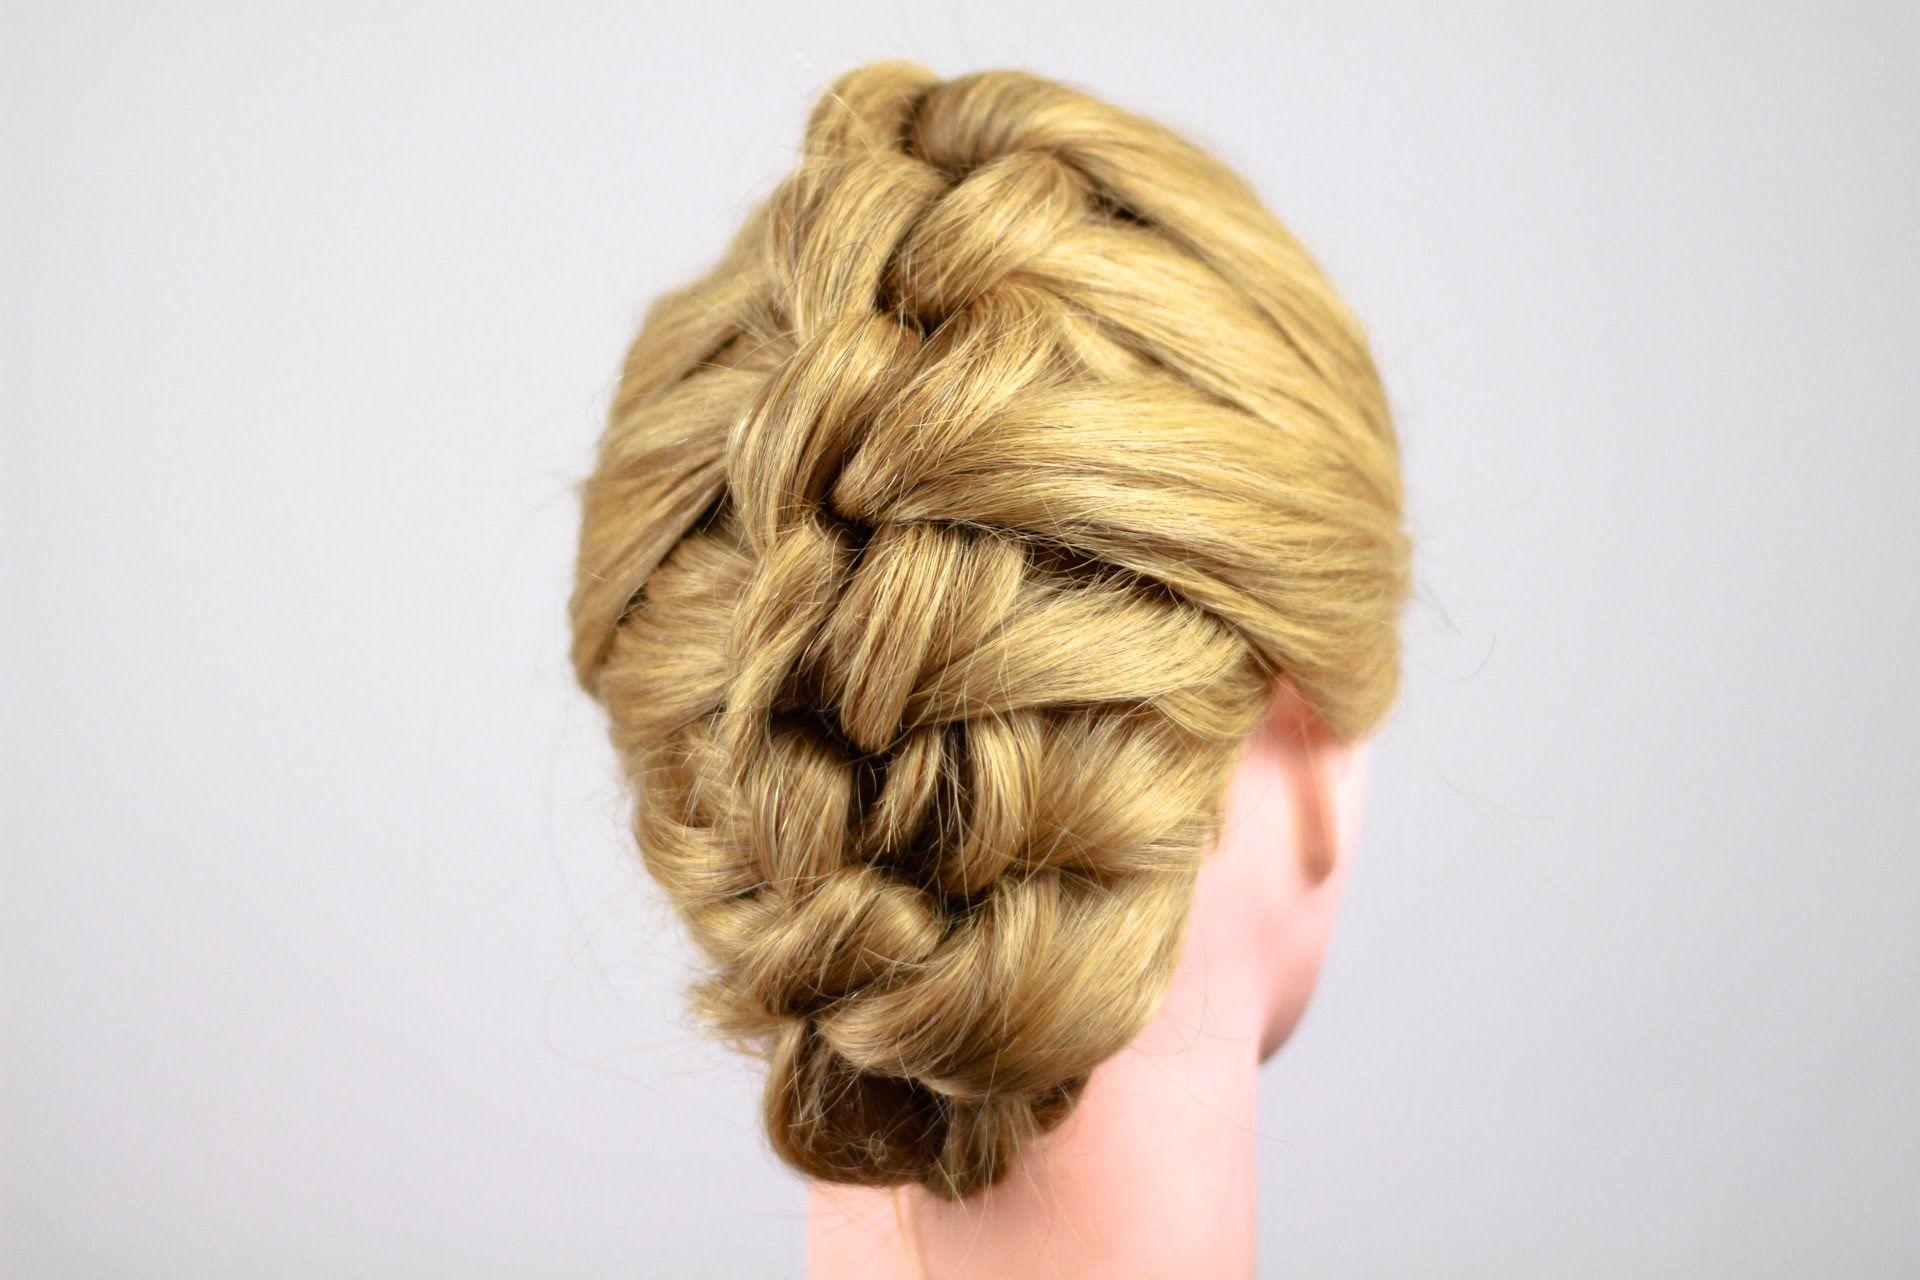 Узелковая коса. Knot Braid Tutorial